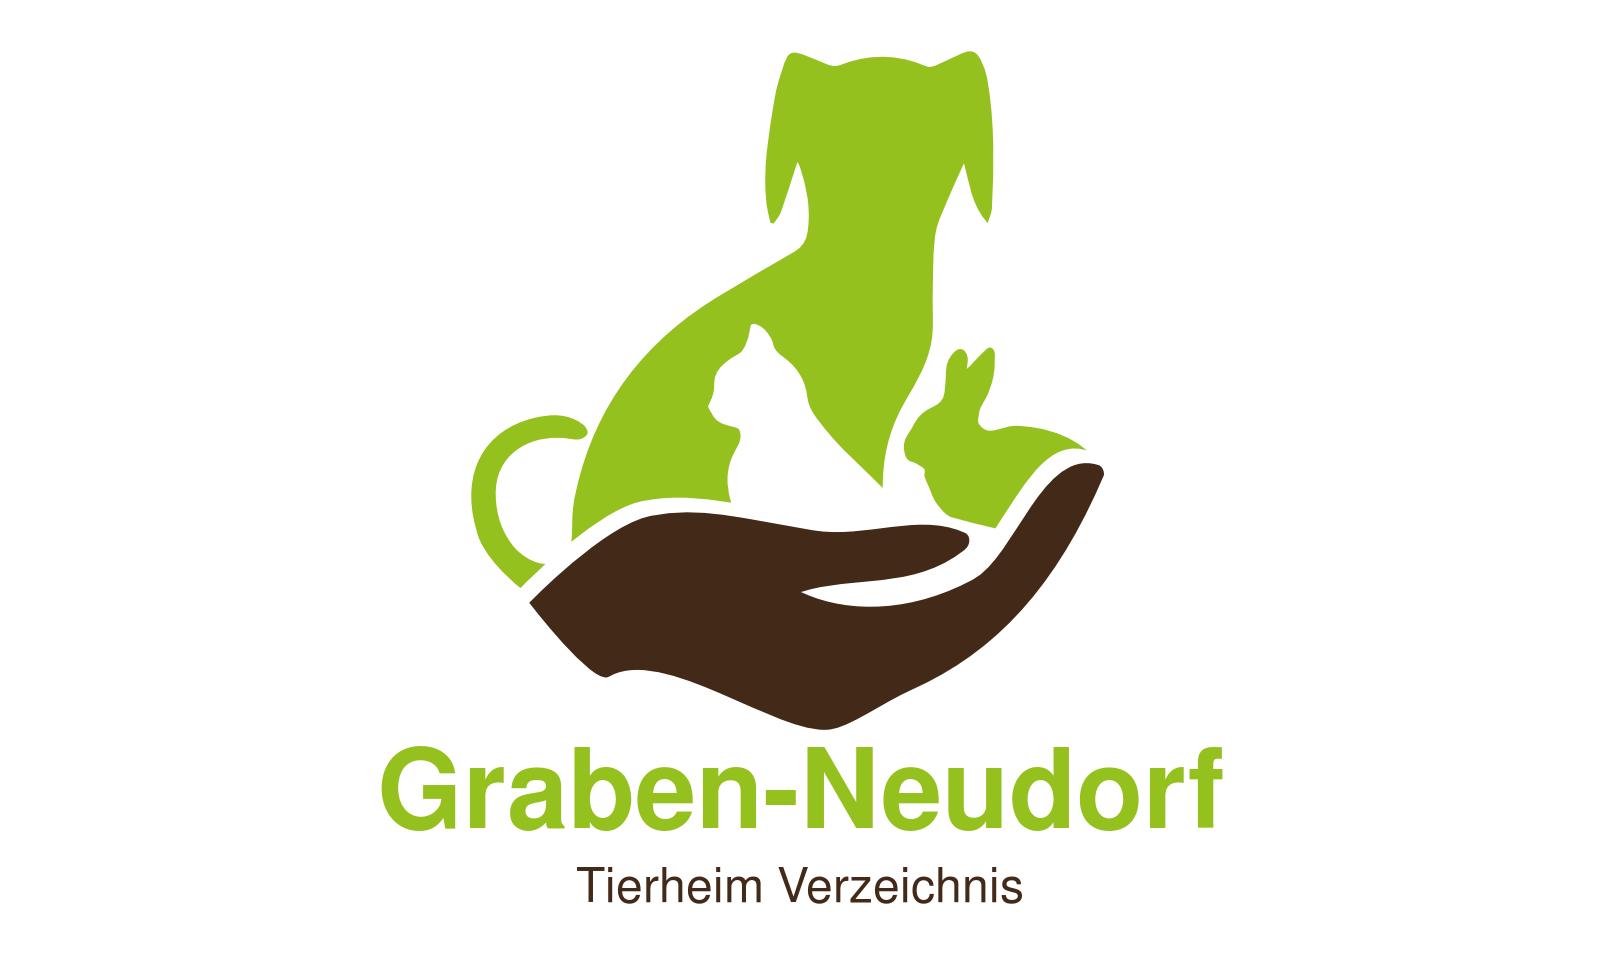 Tierheim Graben-Neudorf